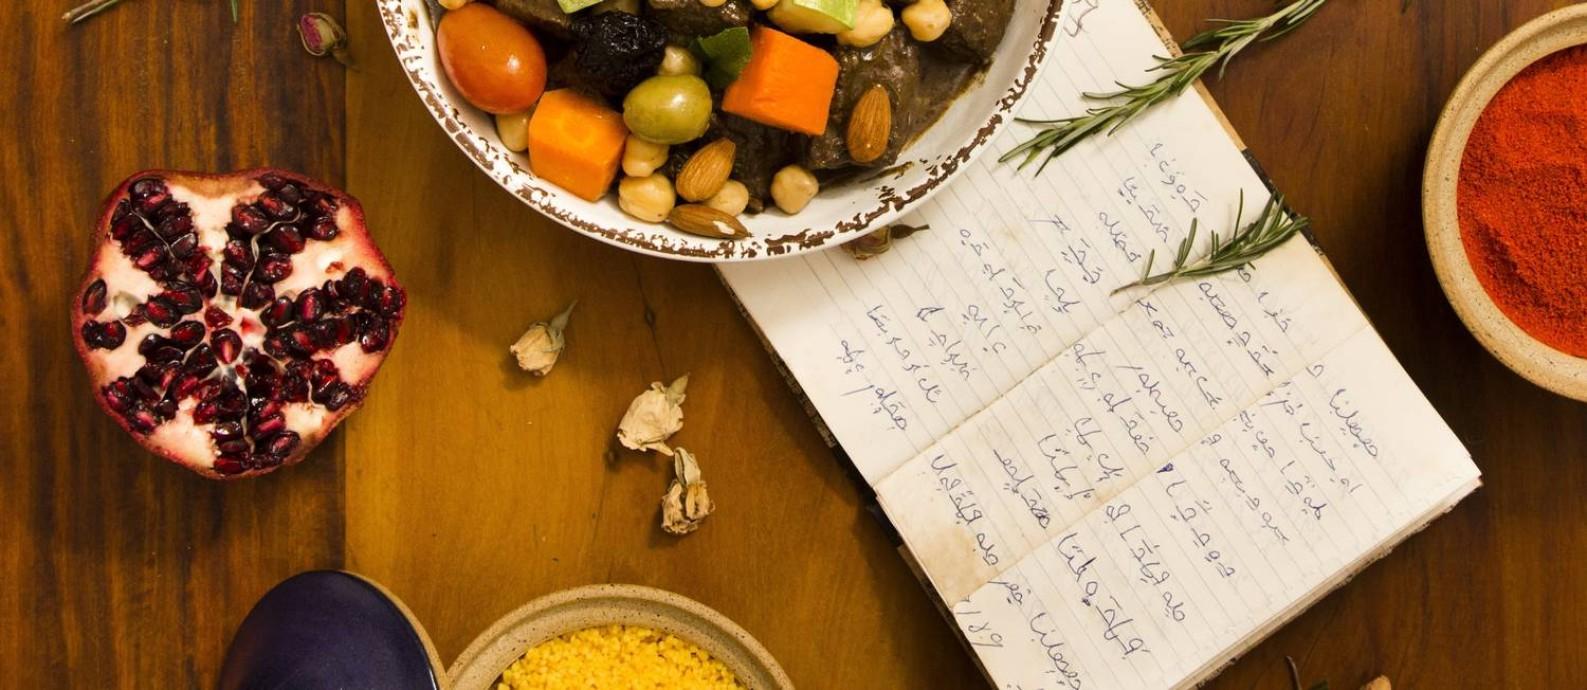 O Tajine de cordeiro berbere, que é herança do caderno de receitas da avó de Katia Hannequim Foto: Mônica Imbuzeiro / Agência O Globo